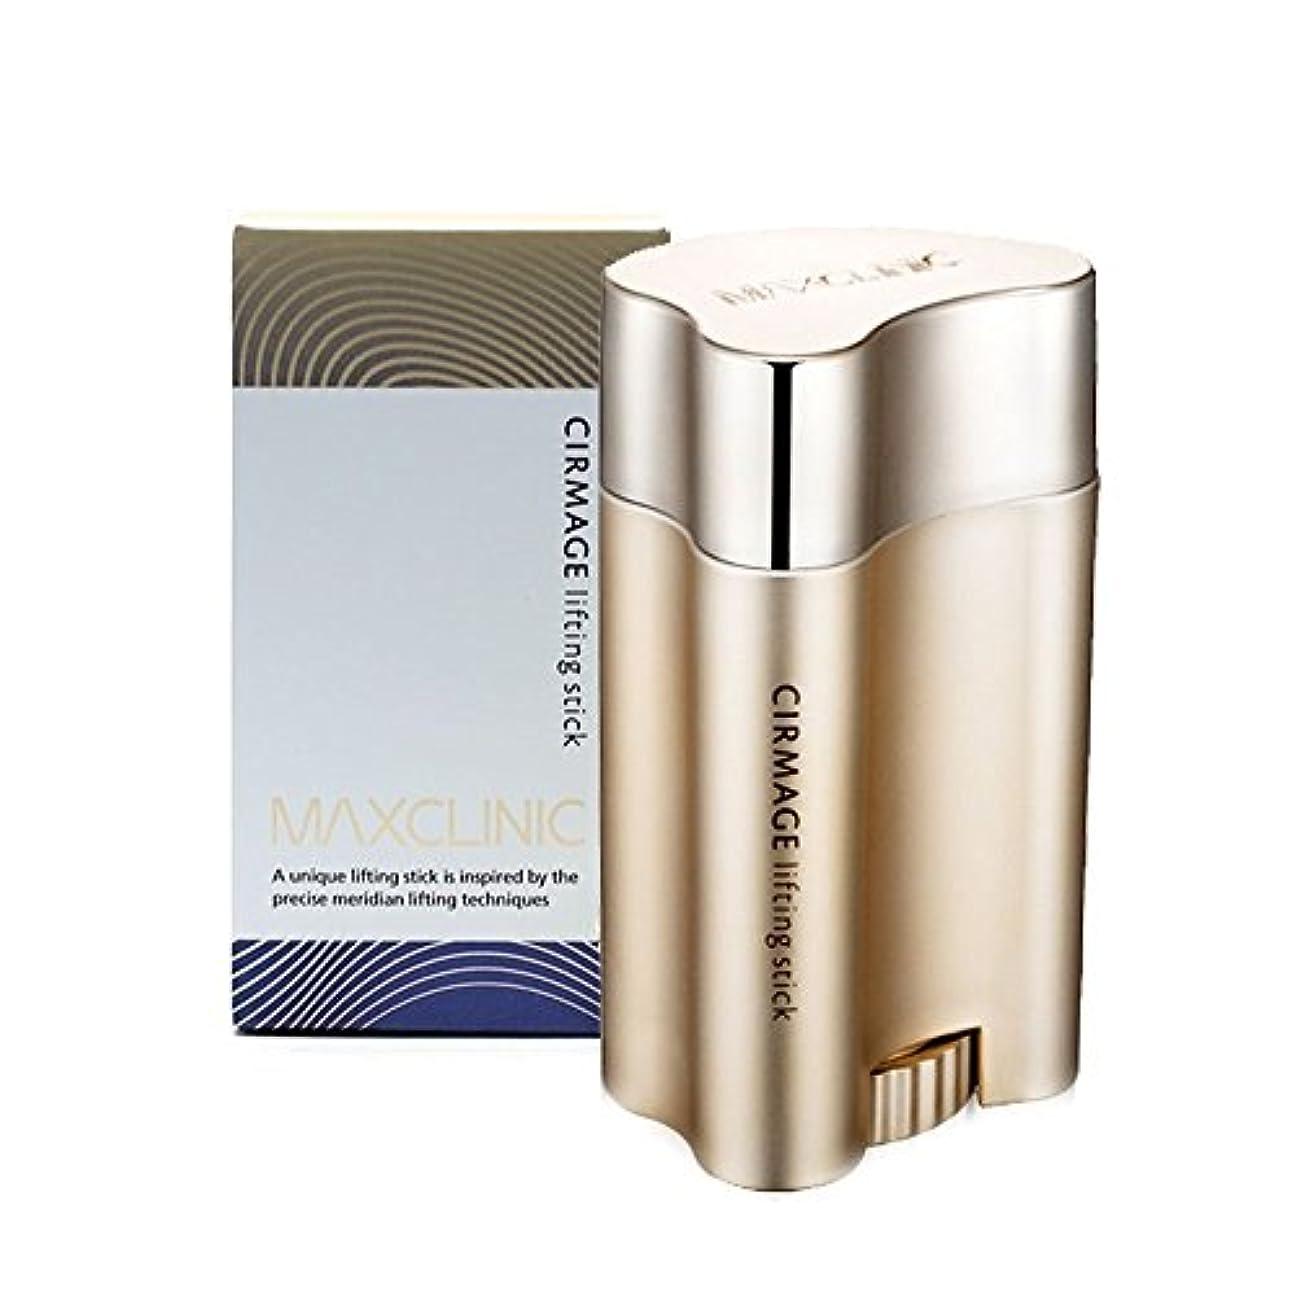 五月寛解助言MAXCLINIC マックスクリニック サーメージ リフティング スティック 23g(Cirmage Lifting Stick 23g)/Direct from Korea/w free Gift Sample [並行輸入品]